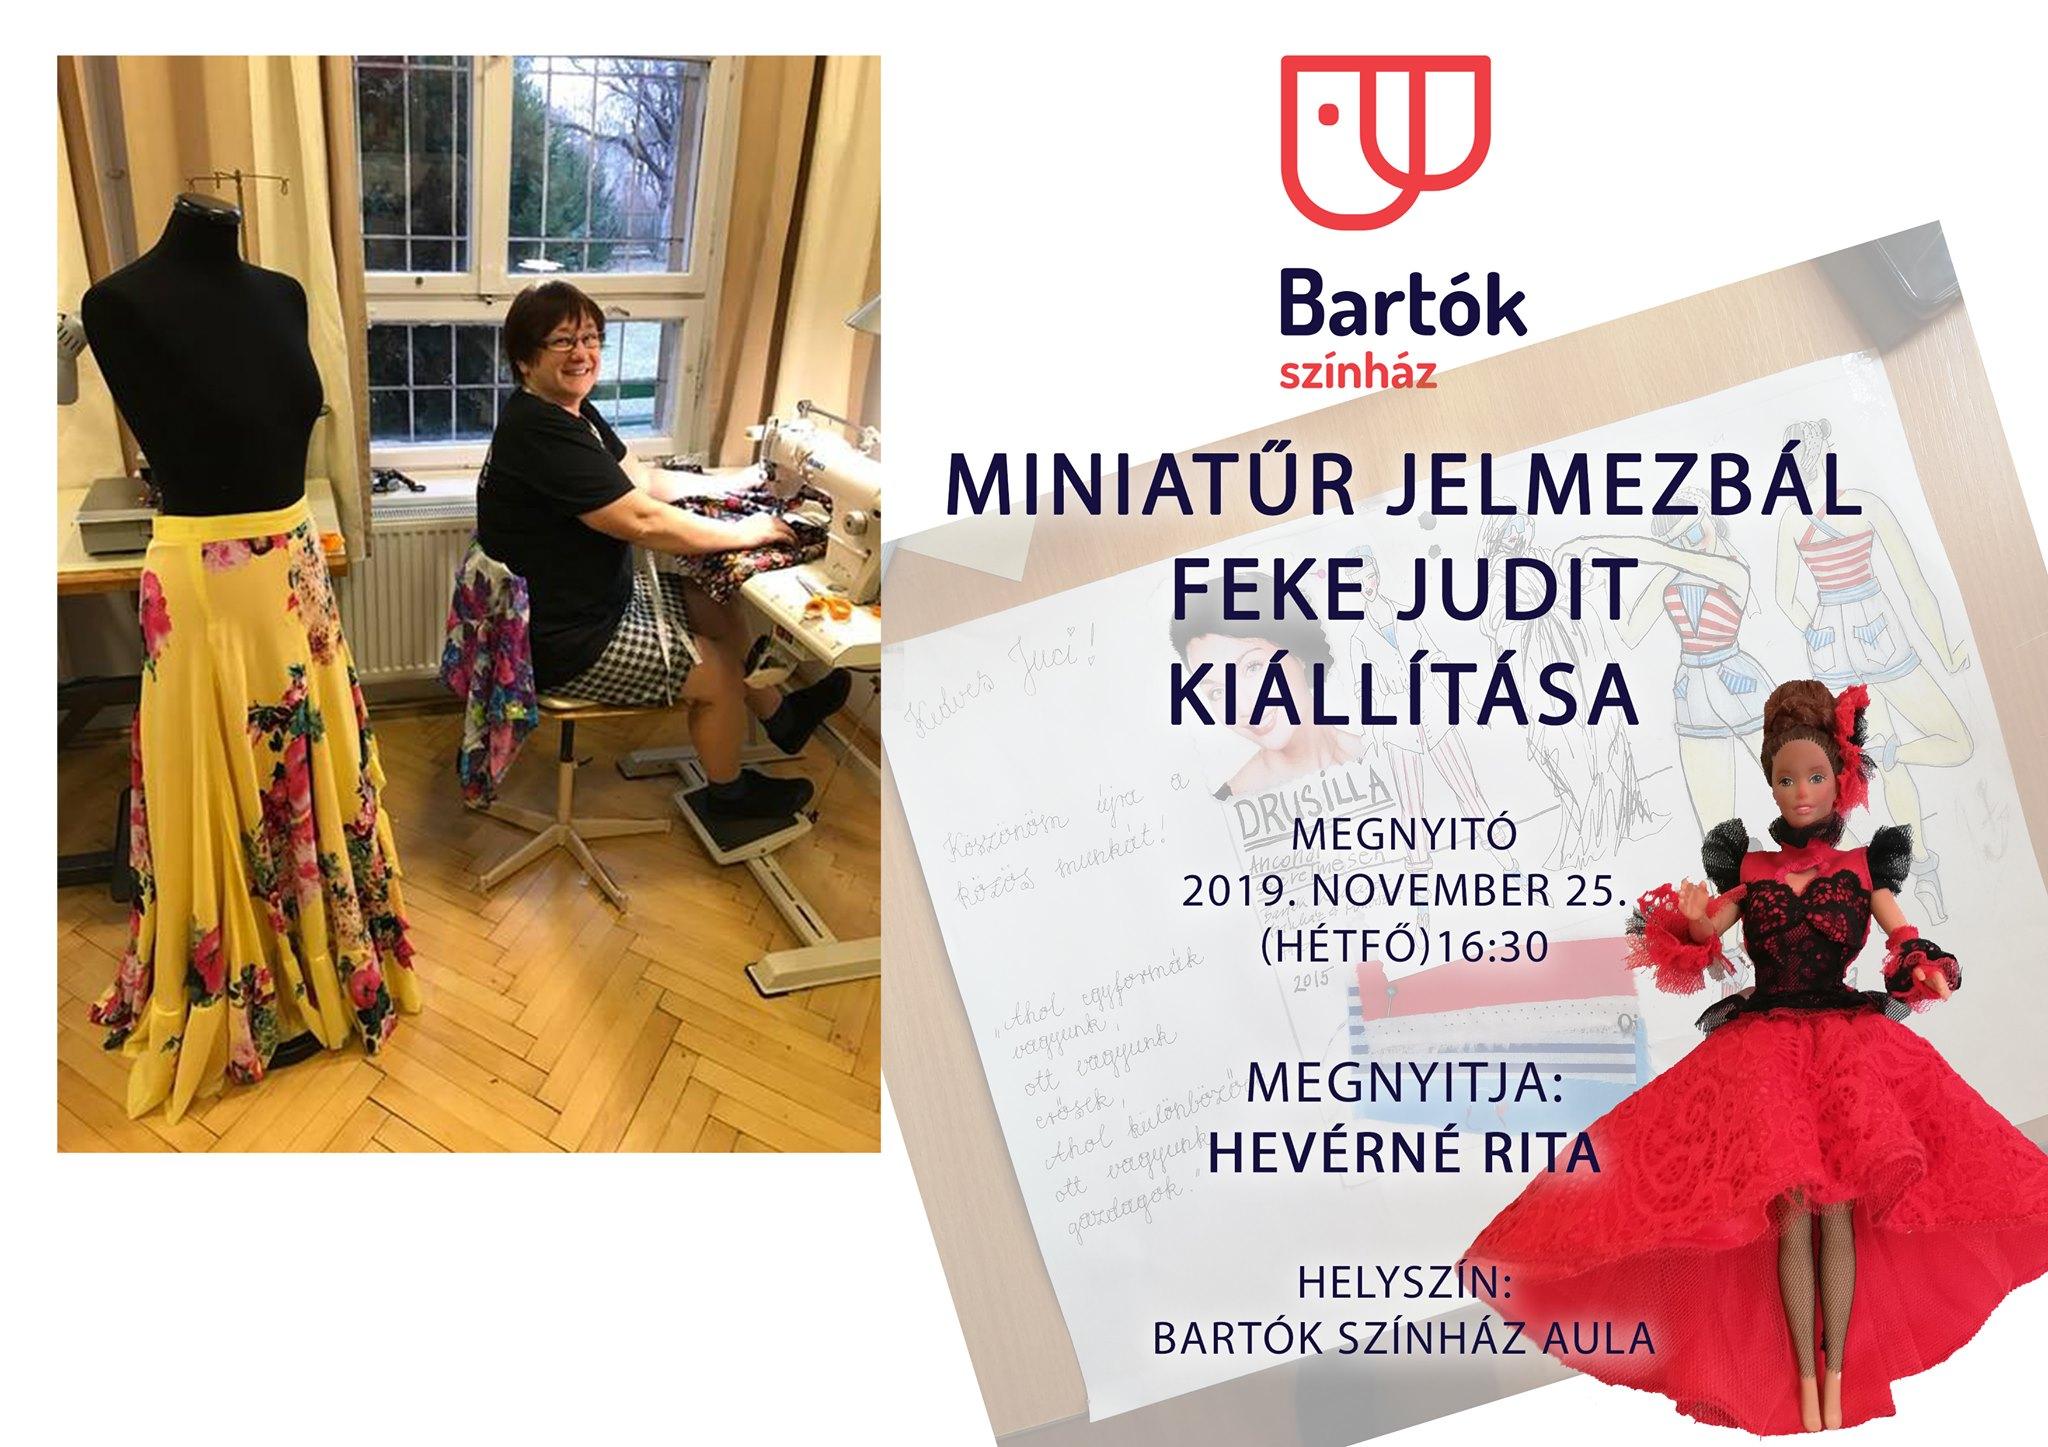 Miniatűr Jelmezbál - Feke Judit kiállítása